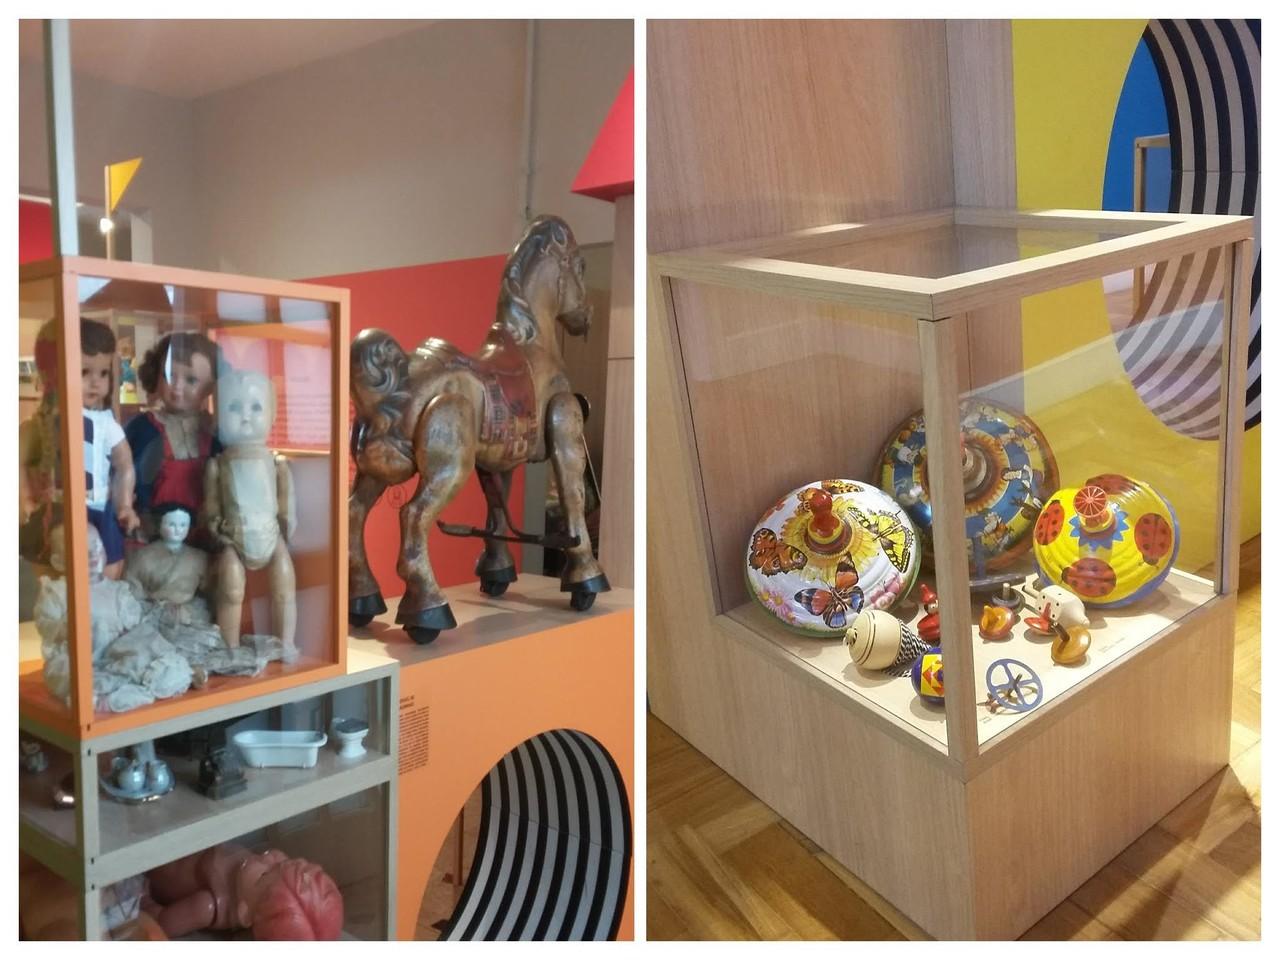 Museu dos Brinquedos em Belo Horizonte